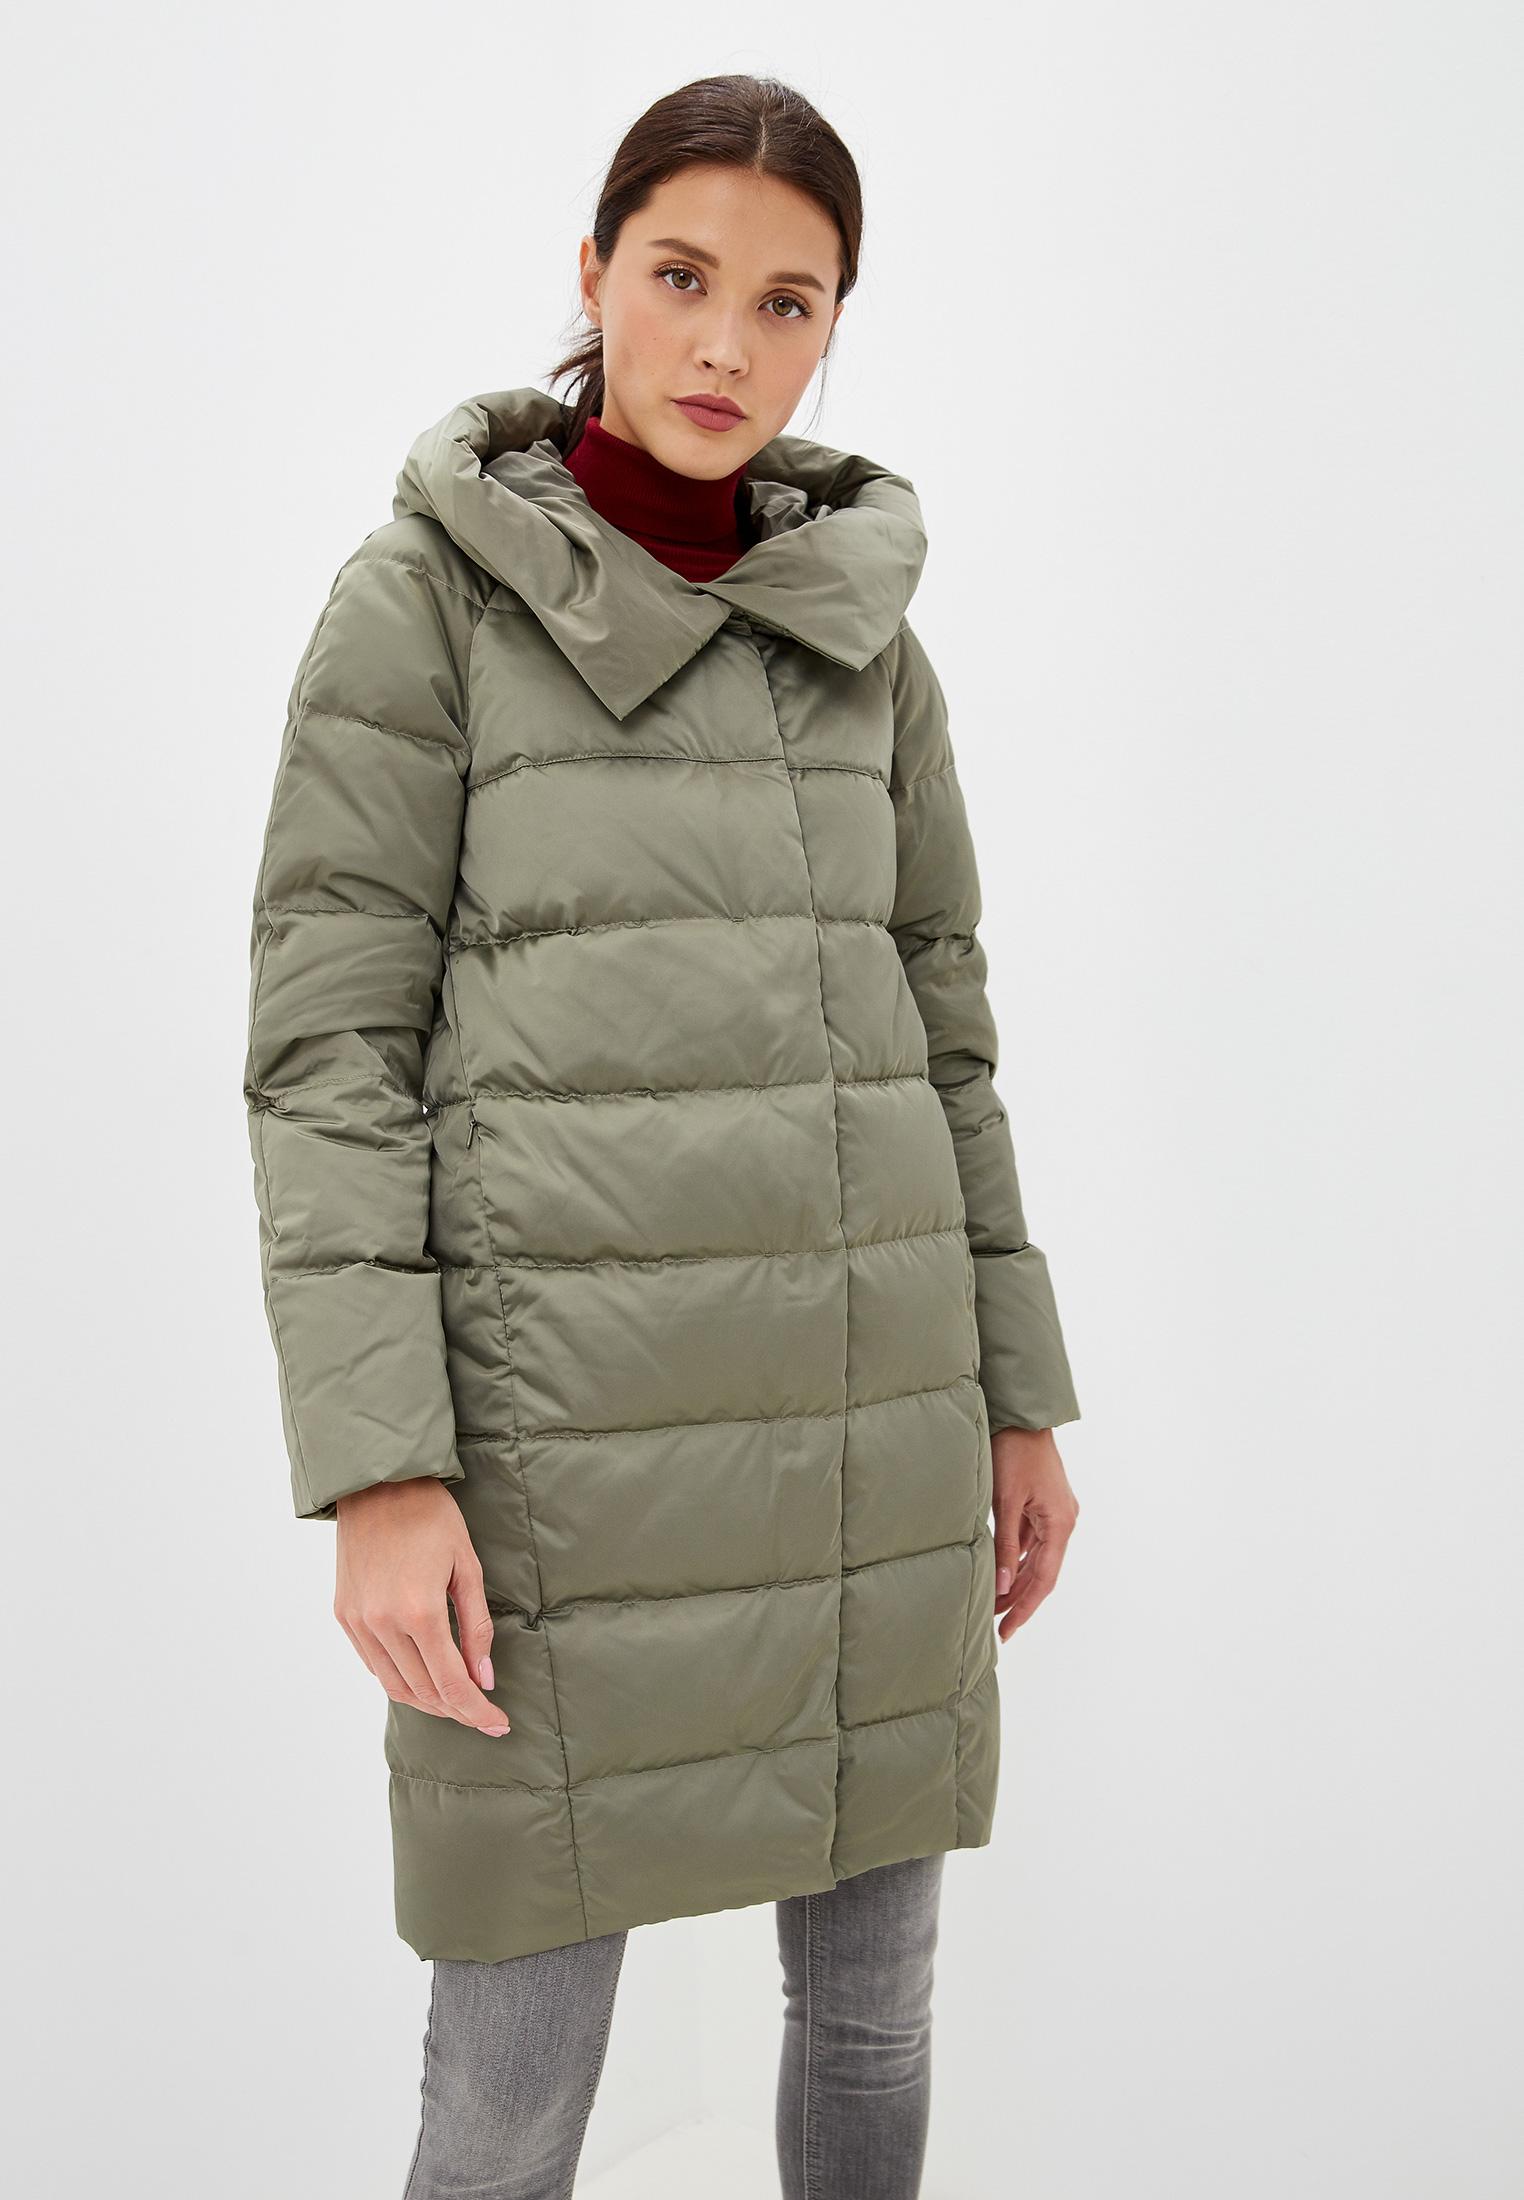 Пуховик, Savage, цвет: хаки. Артикул: SA004EWGESA6. Одежда / Верхняя одежда / Пуховики и зимние куртки